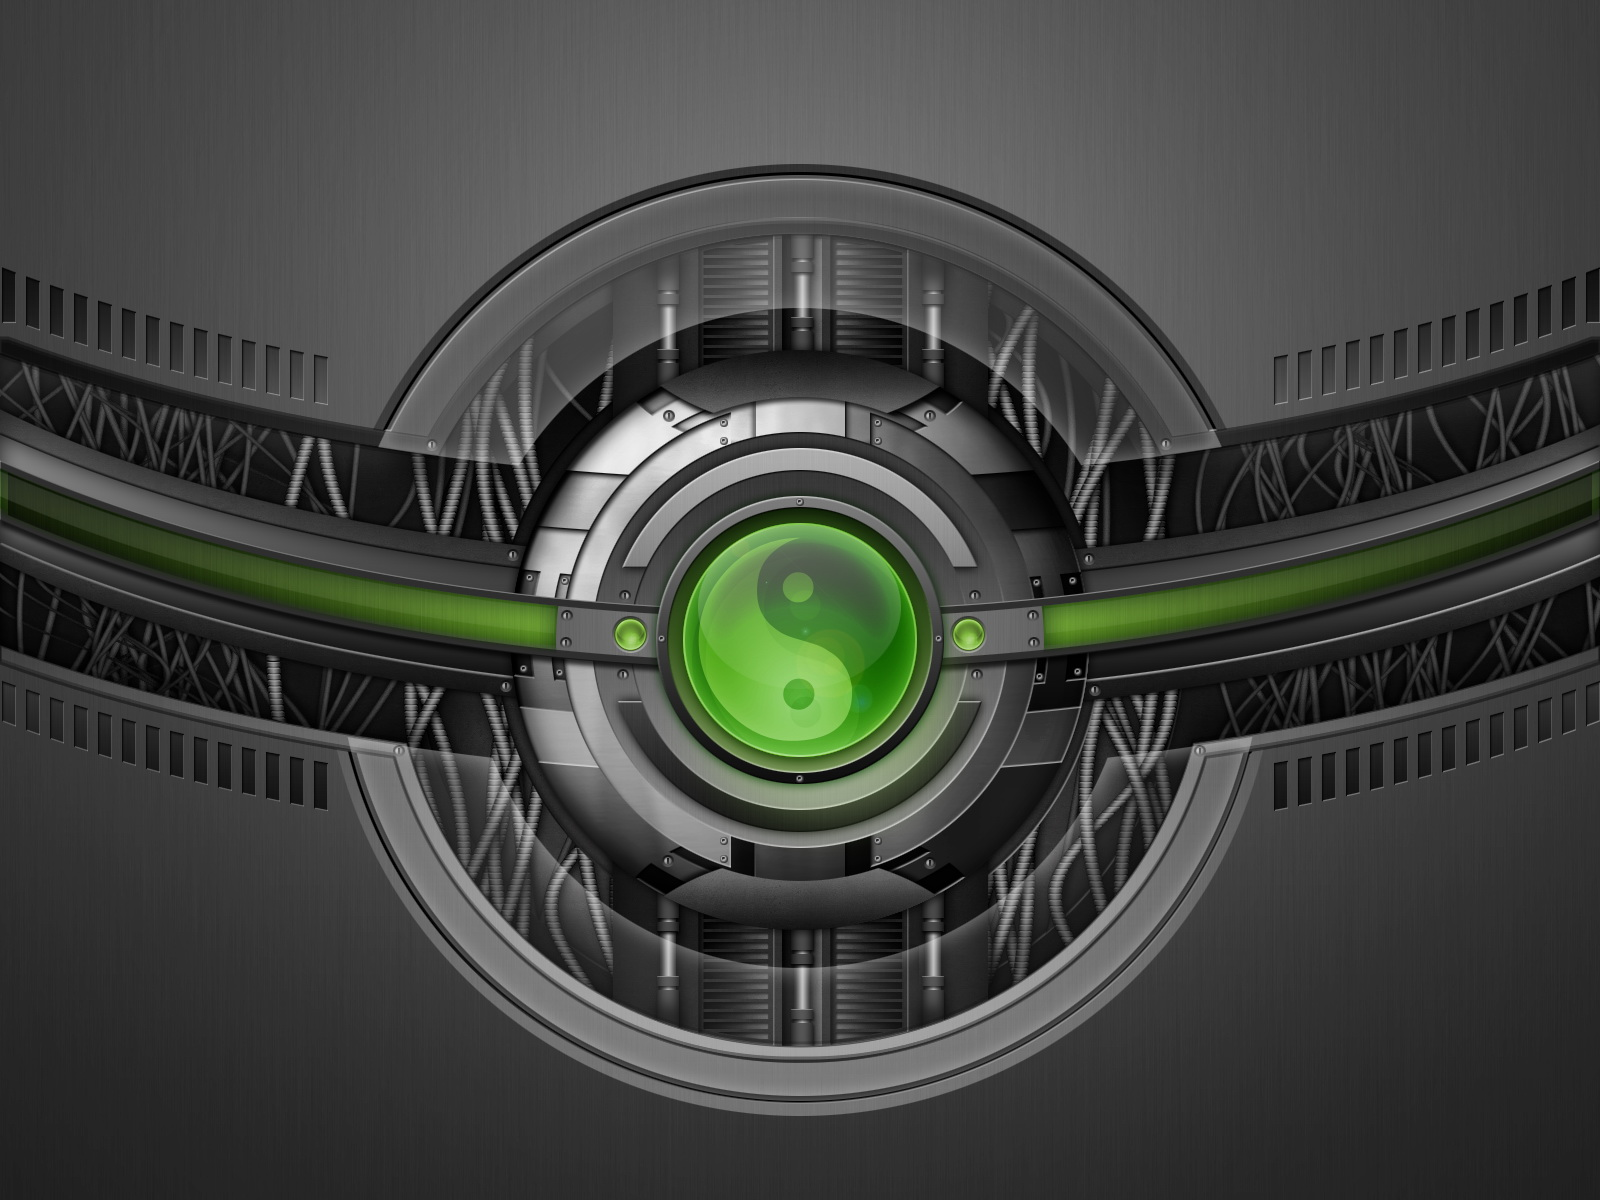 http://2.bp.blogspot.com/_d--xZ5V1T8M/TMHucu1OpZI/AAAAAAAAACQ/zQeXq15JwHc/s1600/yin-%2526-yang-green-wallpapers_5040_1600x1200.jpg